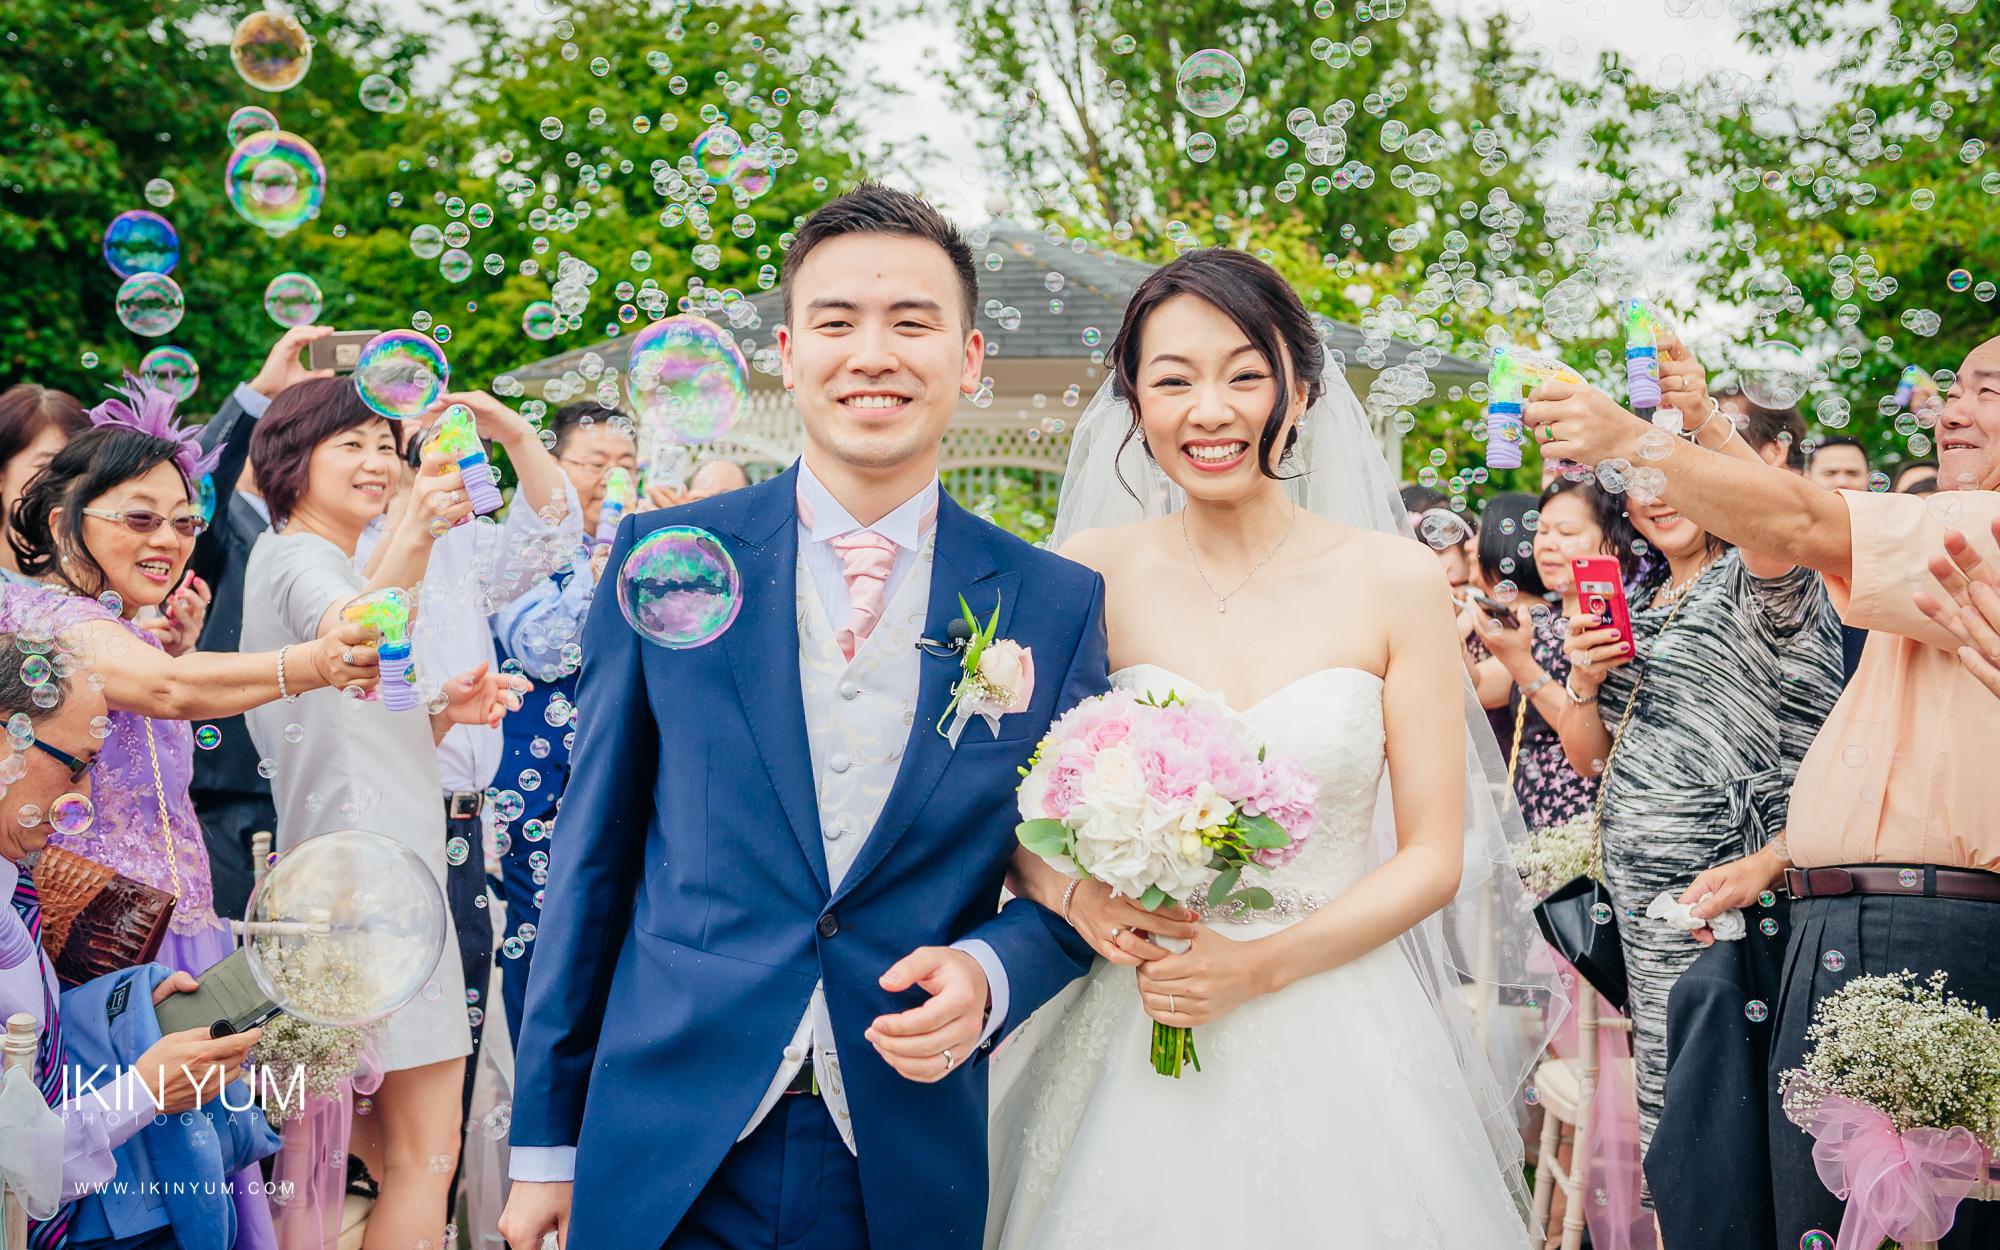 Sylvianne & Chun Wedding Day - Ikin Yum Photography-087.jpg